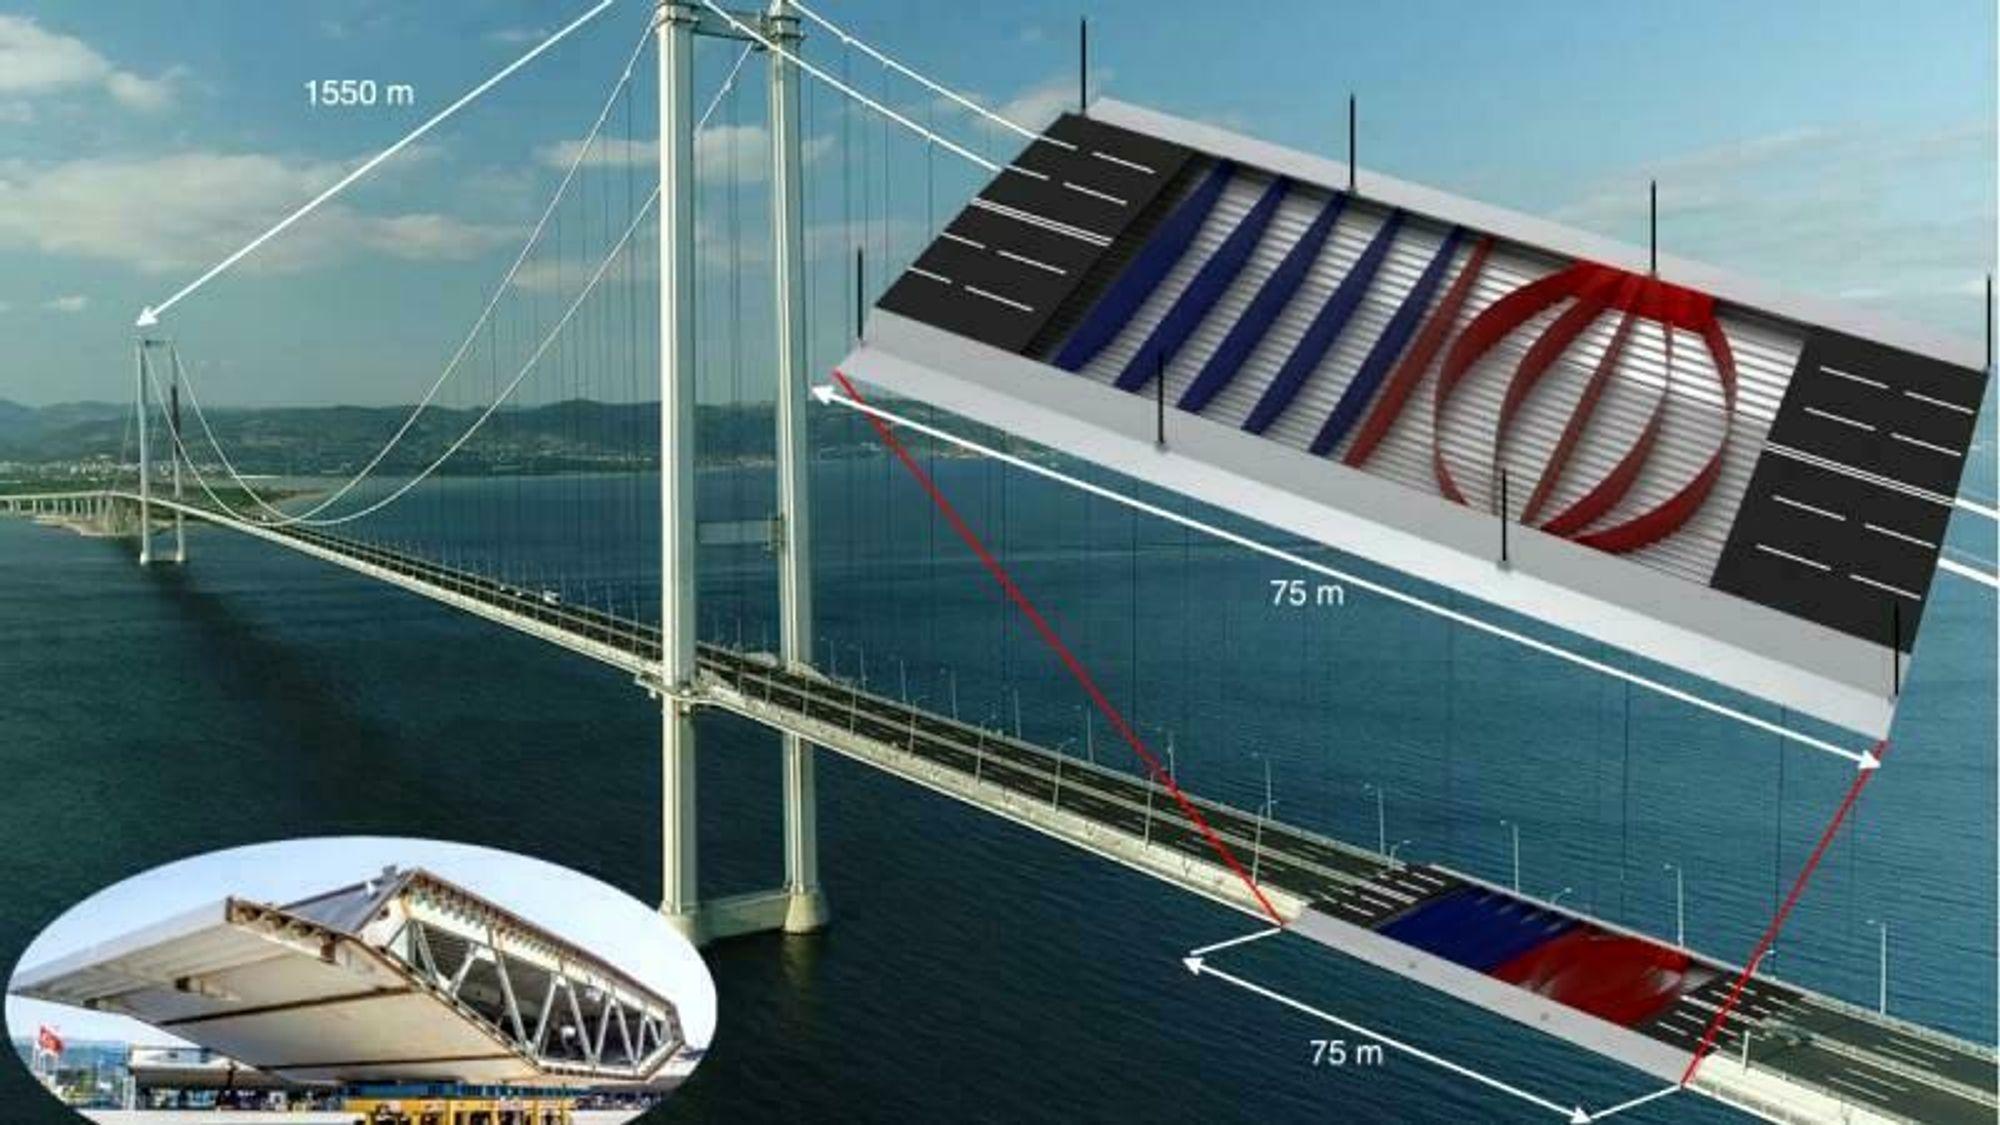 Stålbrodekk kan lages med minst 28 prosent mindre materiale hvis du bruker topologi-optimalisering for beregningene. Det kan gjøre broene lettere – og dermed gi mindre utslipp av CO2, eller lengre broer.